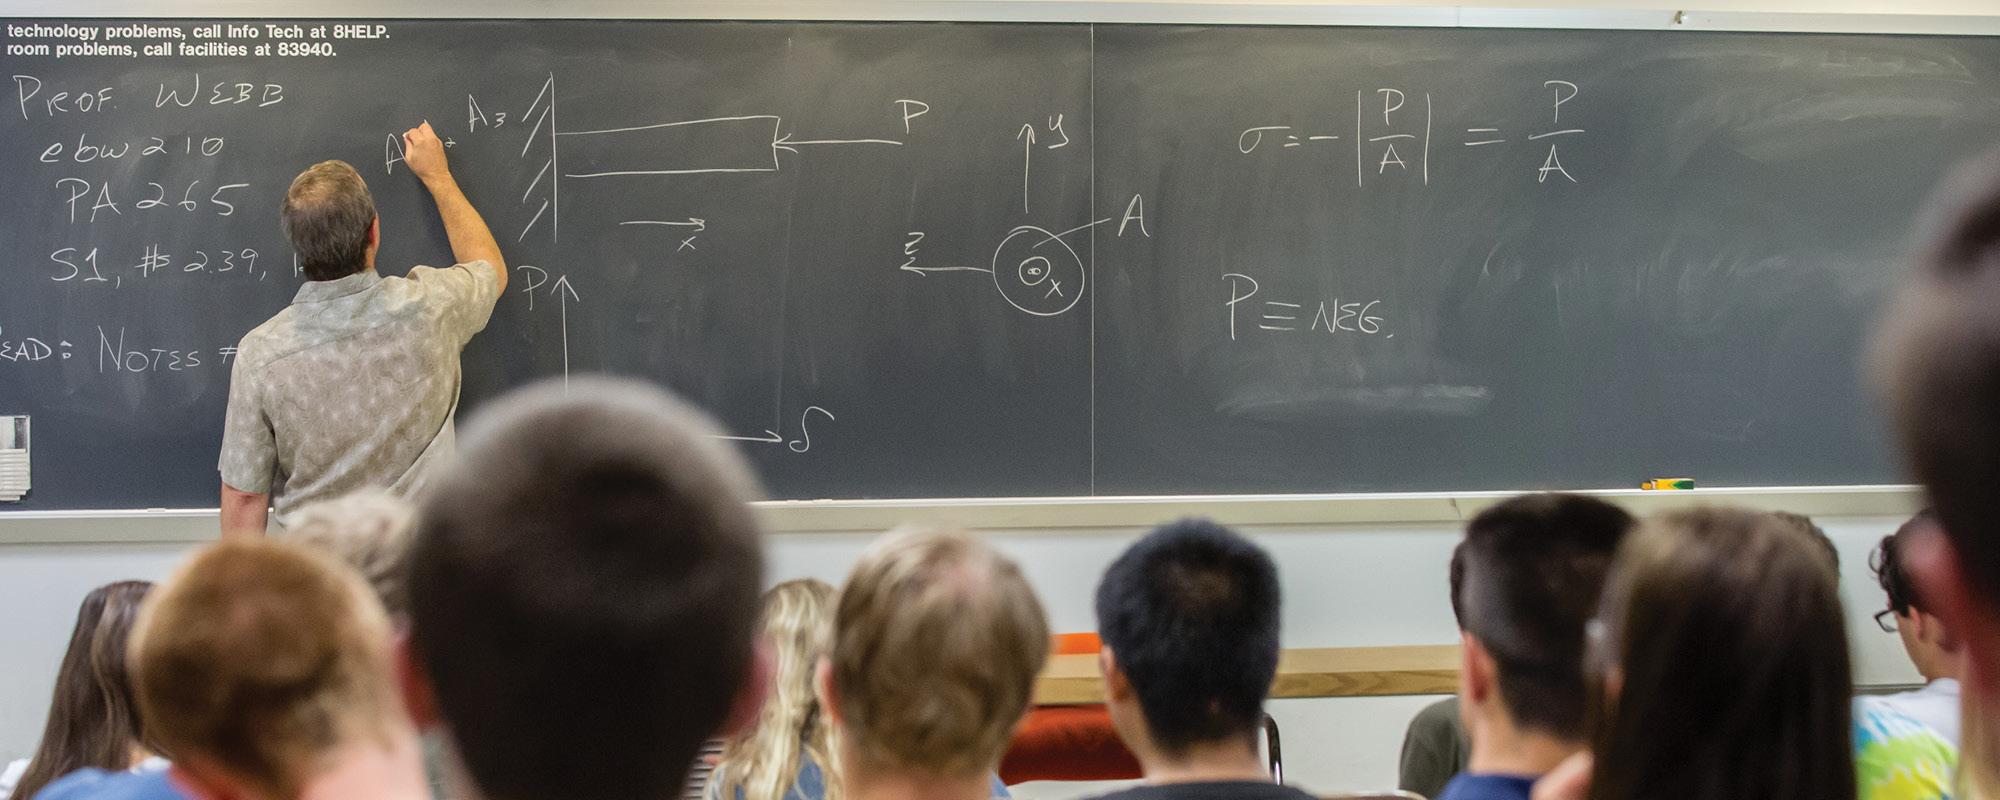 Calculus blackboard